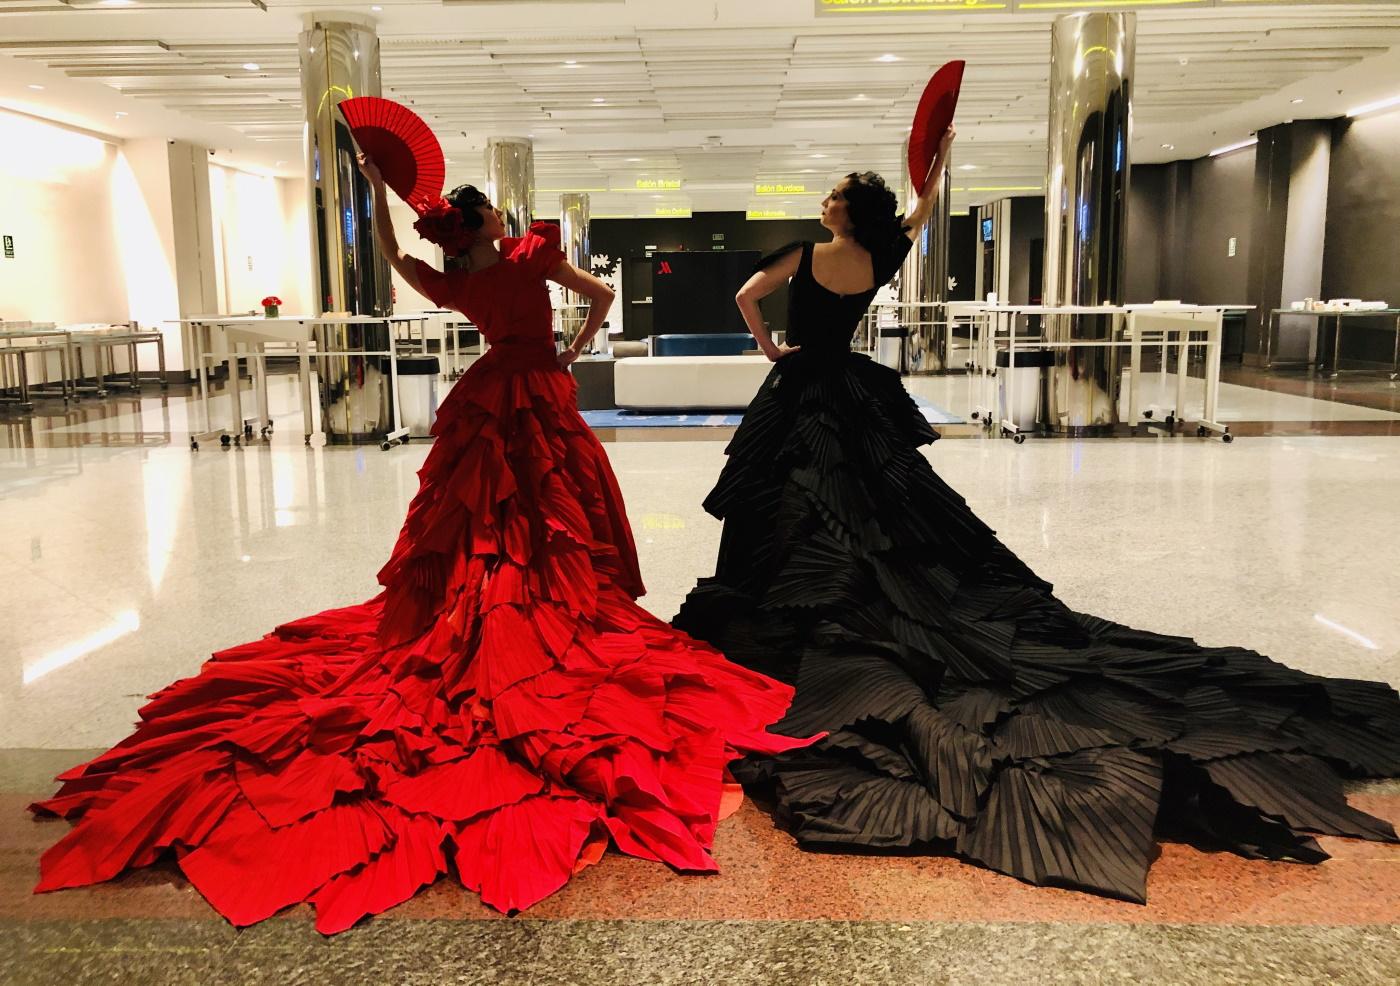 La Diva negra de Dancem Espectáculos en el Hotel Marriott